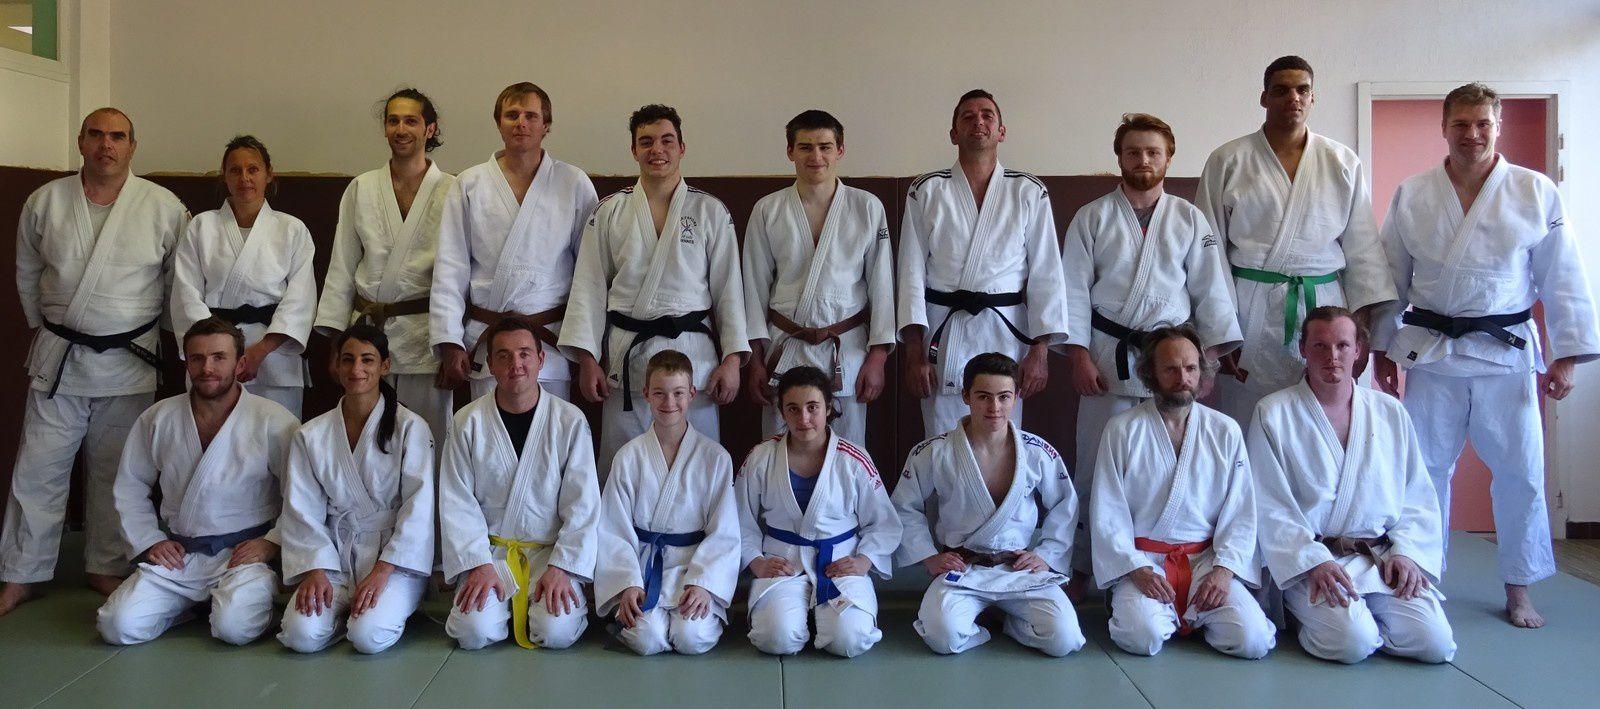 Entrainement commun Judo avec le Dojo de l'Iroise